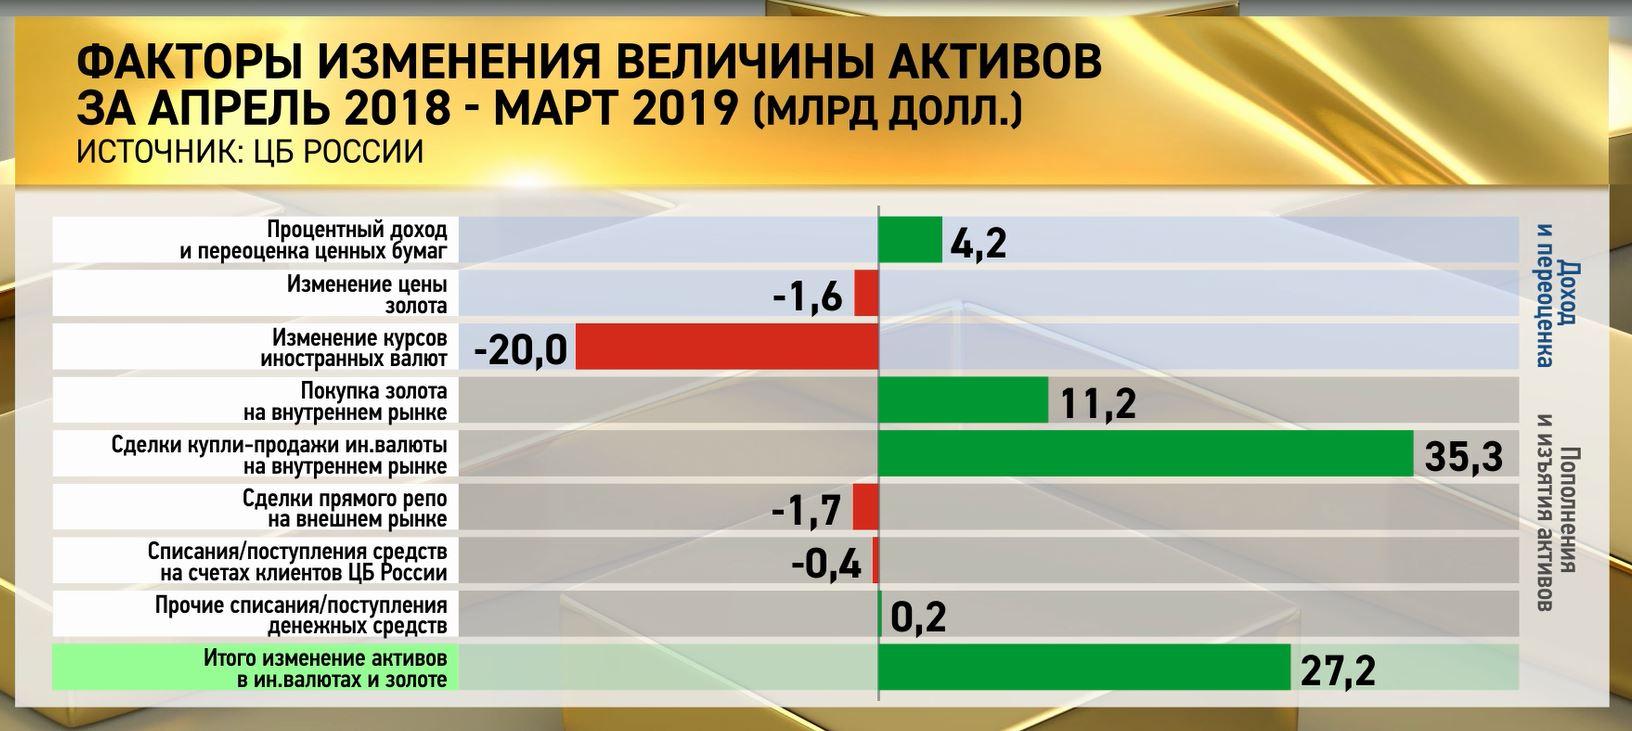 Где реально хранятся золото и валюта России